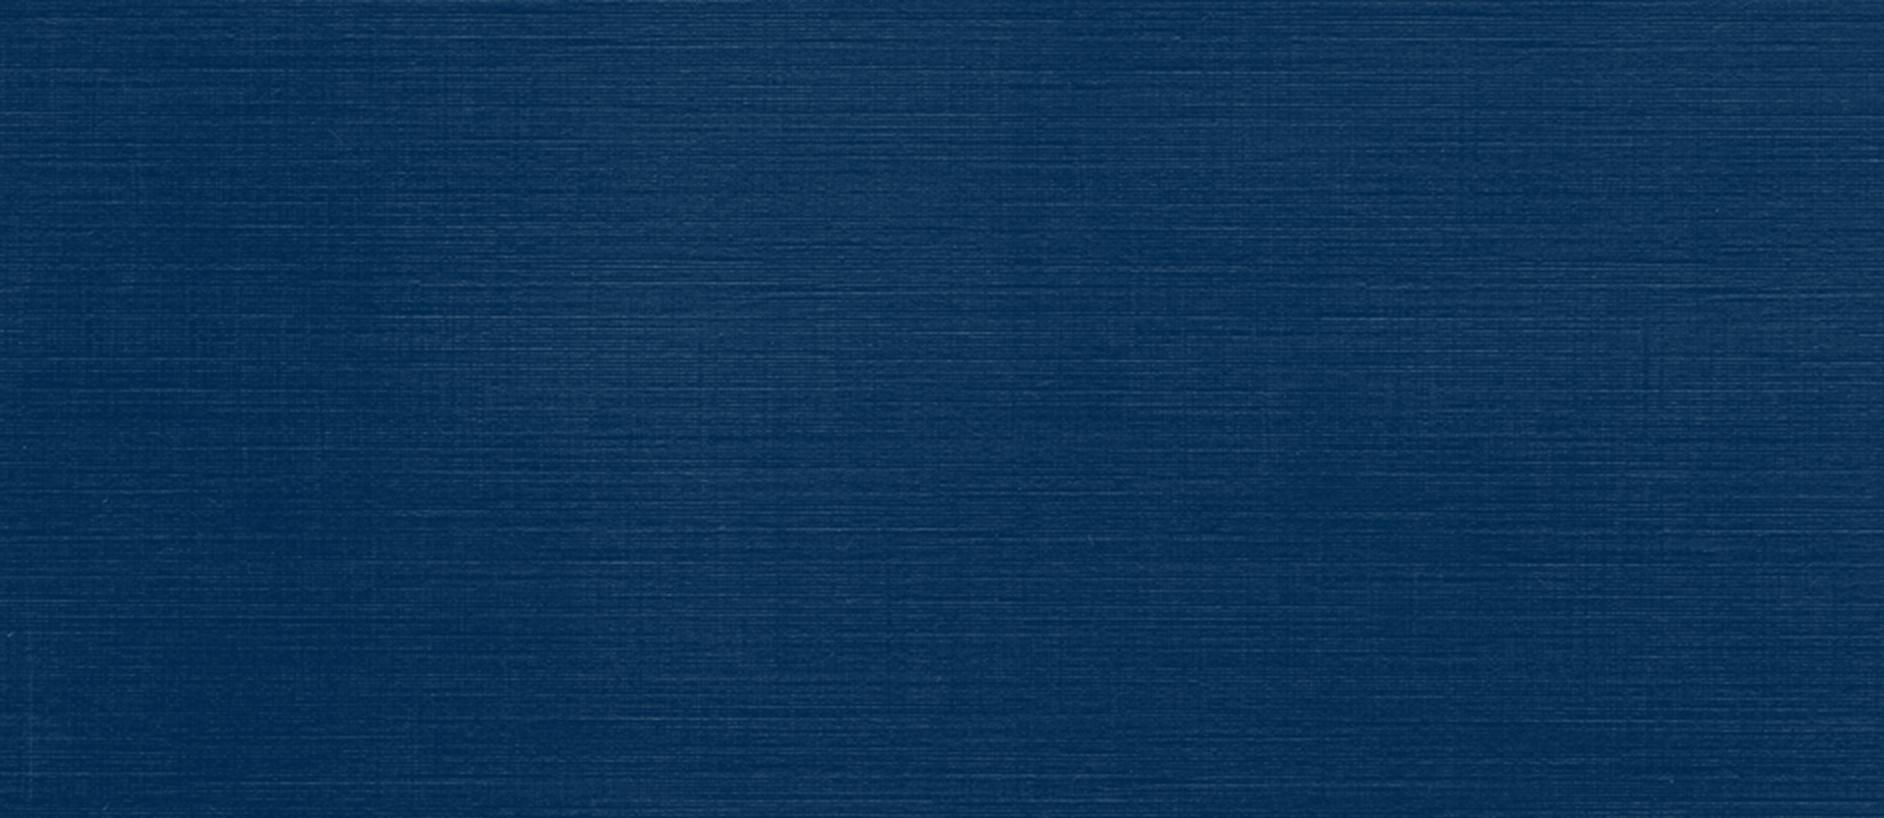 classic_linen.patriot_blue.linen.1884.818